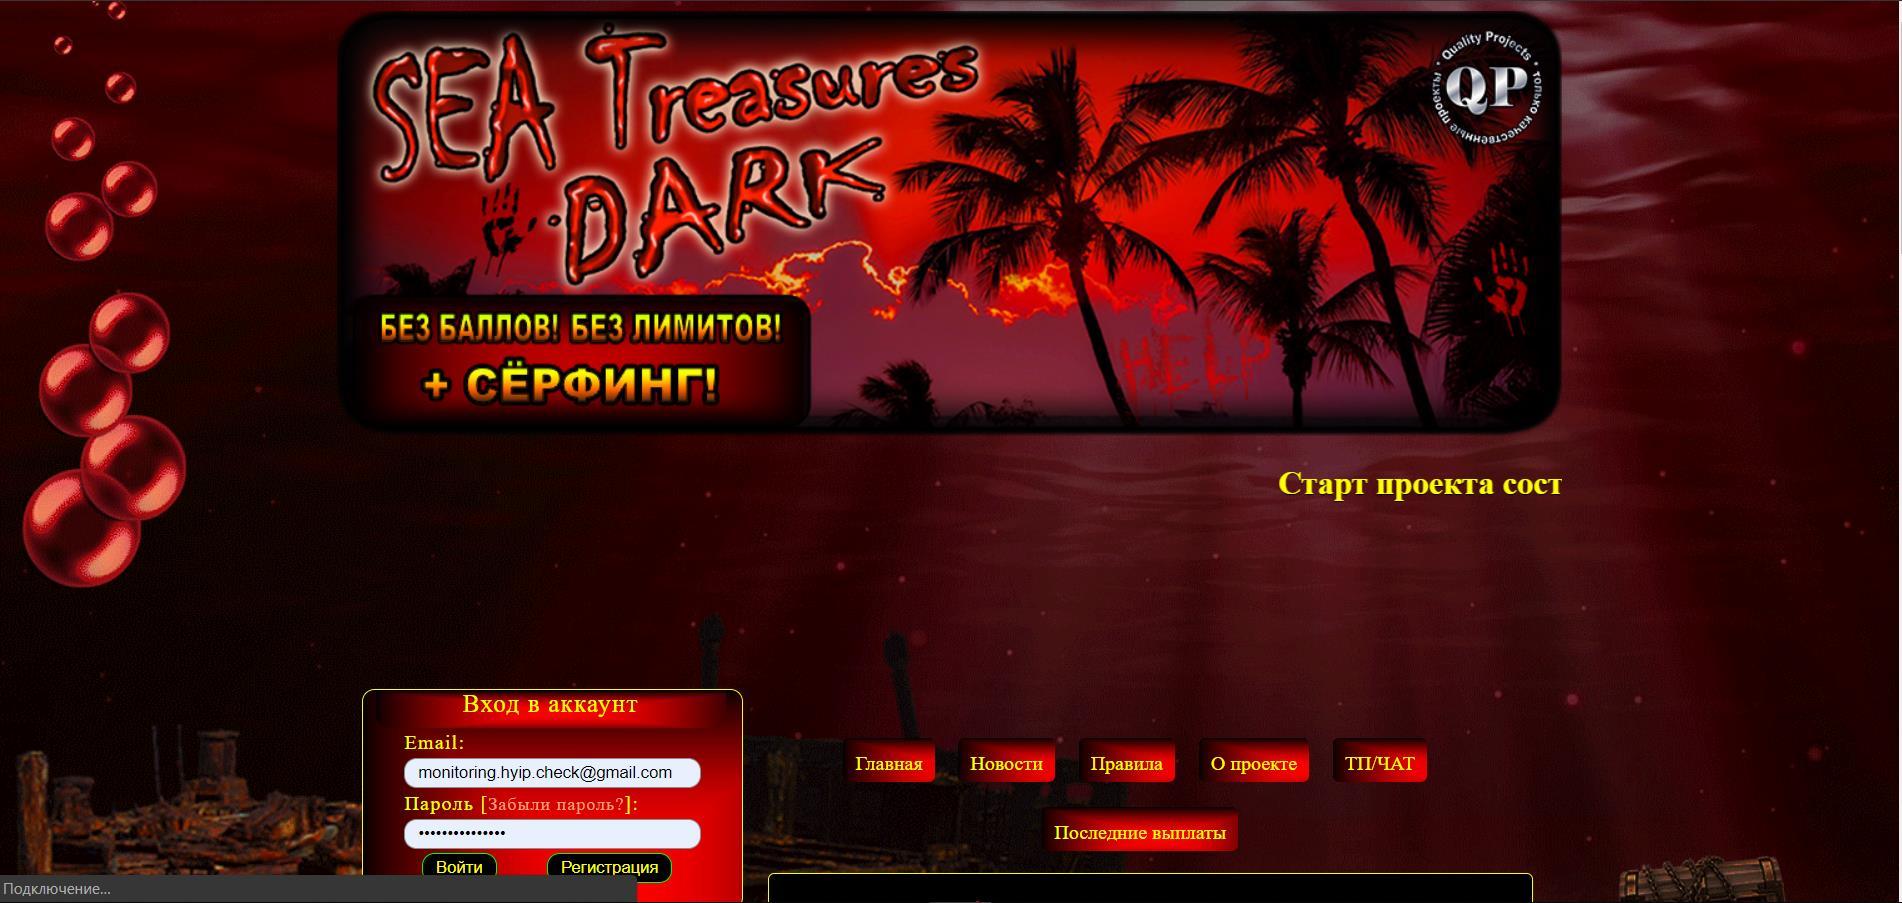 SEA Treasures DARK